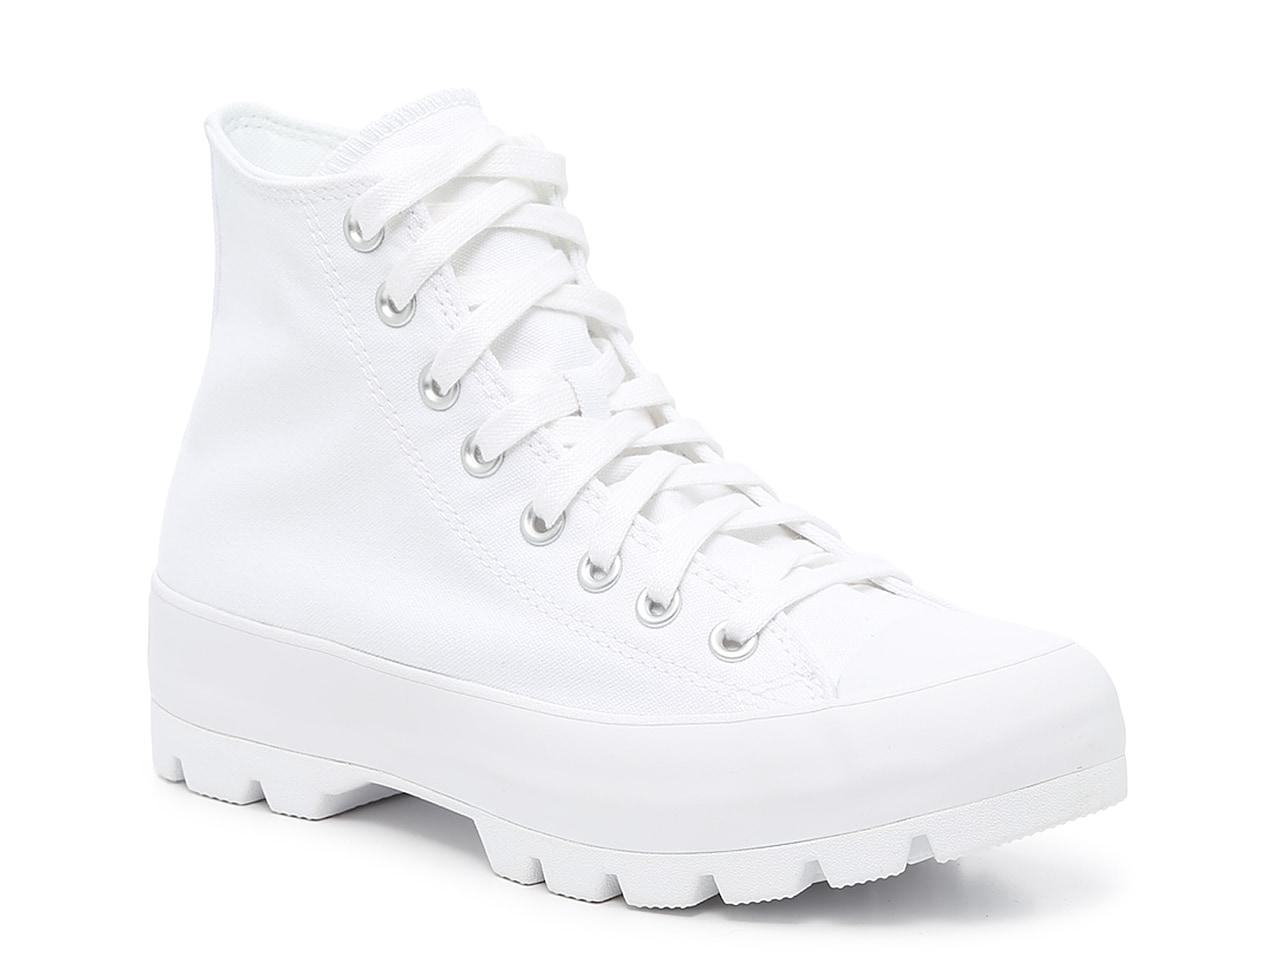 Converse Chuck Taylor All Star Lugged Platform High-Top Sneaker - Women's